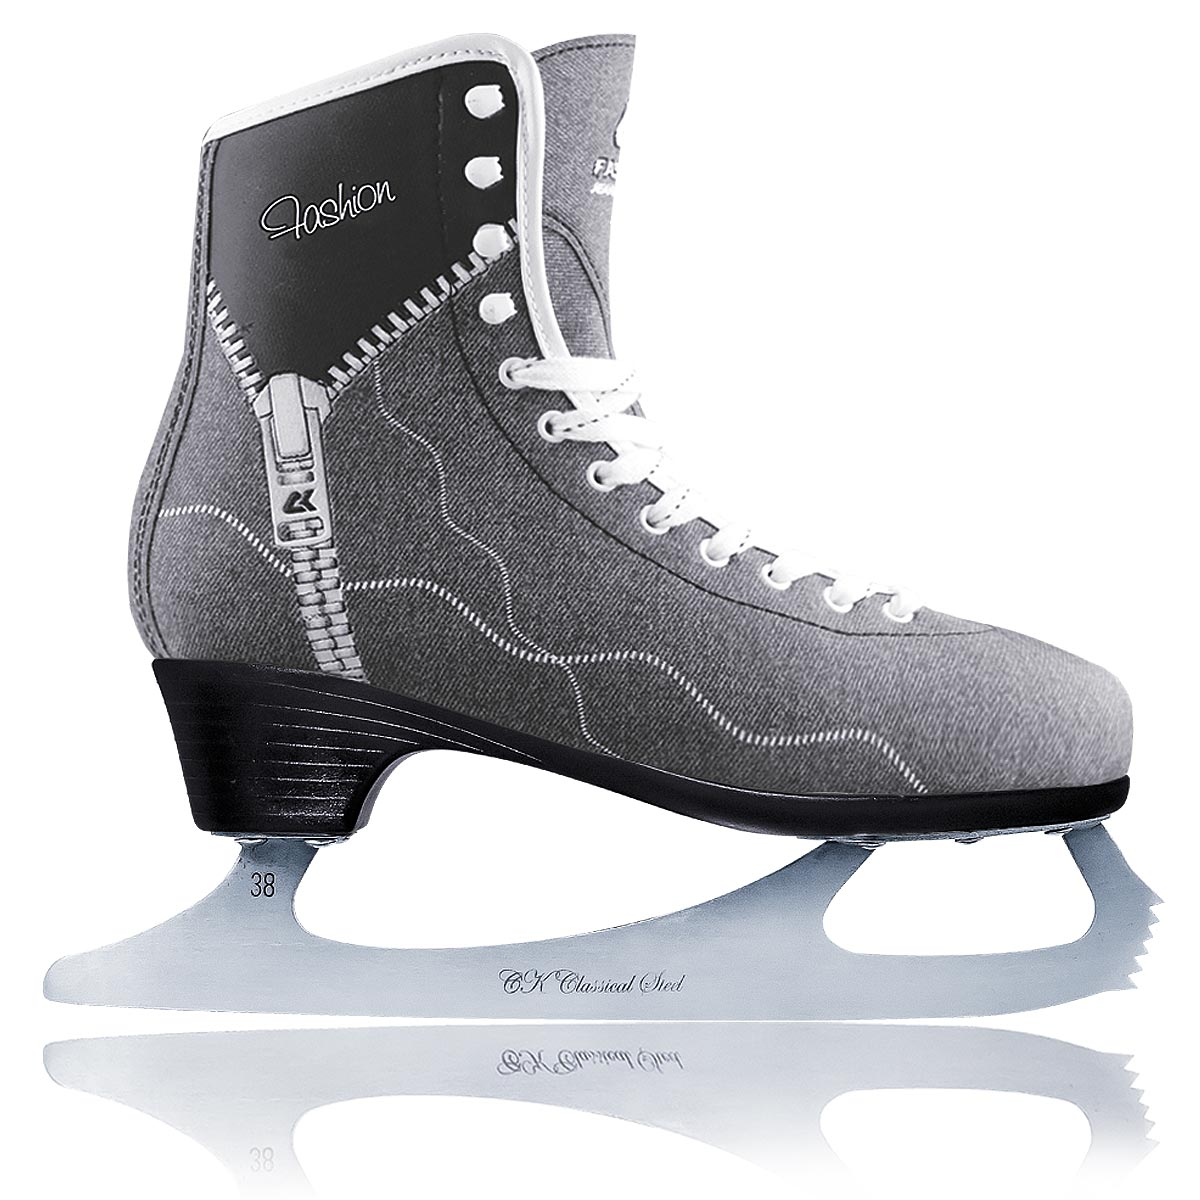 Коньки фигурные женские CK Fashion Lux Jeans, цвет: серый, черный. Размер 36FASHION LUX jeans_серый_36Фигурные коньки от CK Fashion Lux Jeans идеально подойдут для любительского катания. Модель с высокой, плотной колодкой и усиленным задником, обеспечивающим боковую поддержку ноги, выполнена из синтетического материала на виниловой основе. Внутренняя поверхность отделана искусственным мехом. Анатомический язычок из войлока идеально облегает стопу и повышает комфорт. Стелька из упругого пенного полимерного материала EVA предназначена для быстрой адаптации ботинка к индивидуальным формам ноги и ее комфортного положения. Ботинок обеспечивает комфорт и устойчивость ноги, правильное распределение нагрузки, сильно снижает травмоопасность. Ботинок полностью обволакивает ногу, обеспечивает прочную и удобную фиксацию ноги, а также повышенную защиту от ударов. Модель фиксируется на ноге классической шнуровкой. Лезвие выполнено из нержавеющей стали, оно обладает высокой твердостью и долго держит заточку. Подошва Graceful обладает элегантным дизайном, повышенной твердостью и пониженным весом. Более высокий каблук делает ногу более изящной и стройной, а также повышает управляемость и маневренность конька.